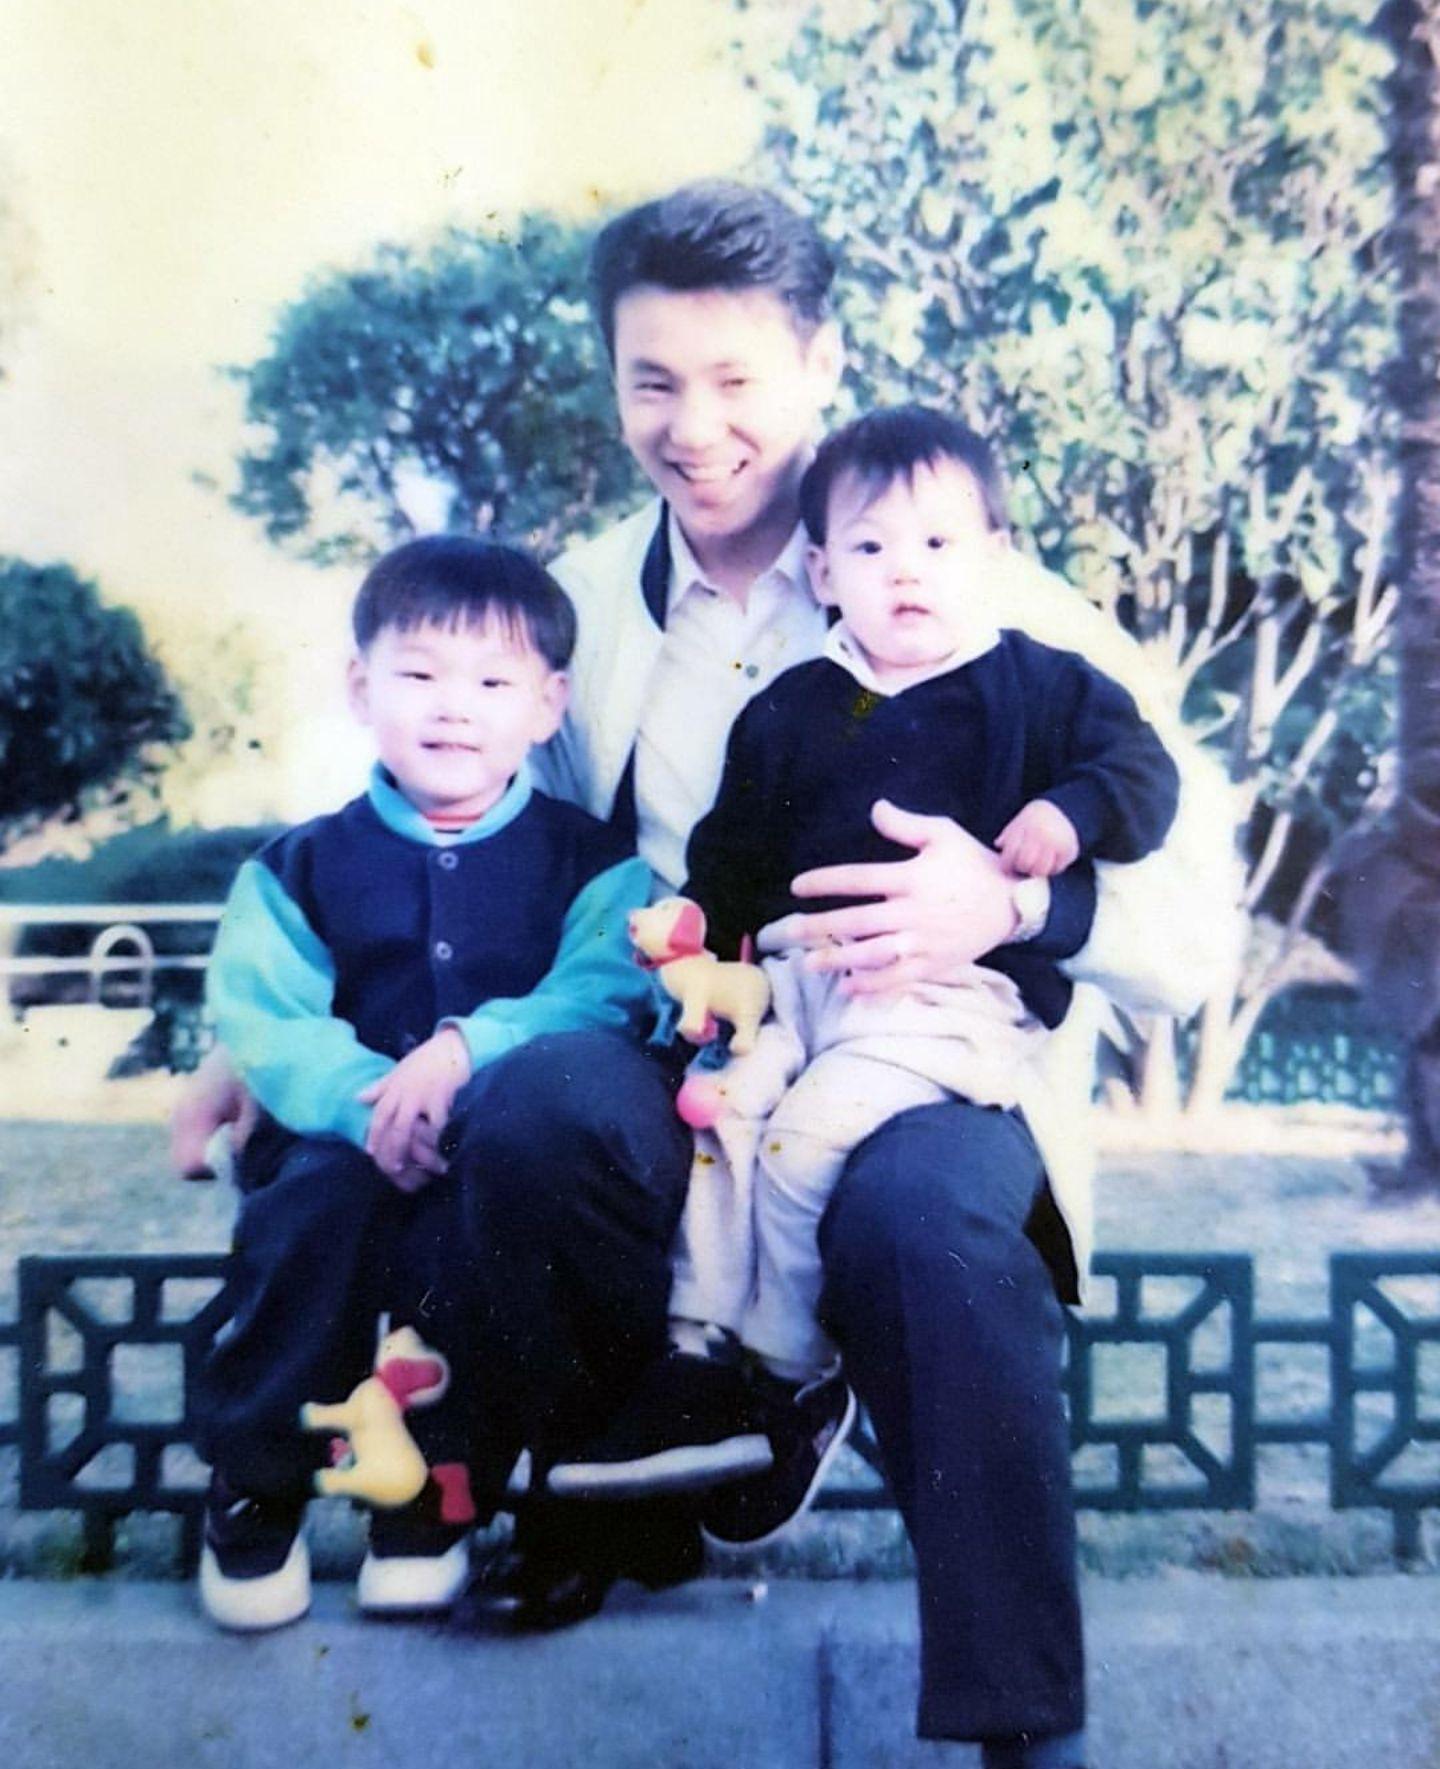 jungkook dad 2